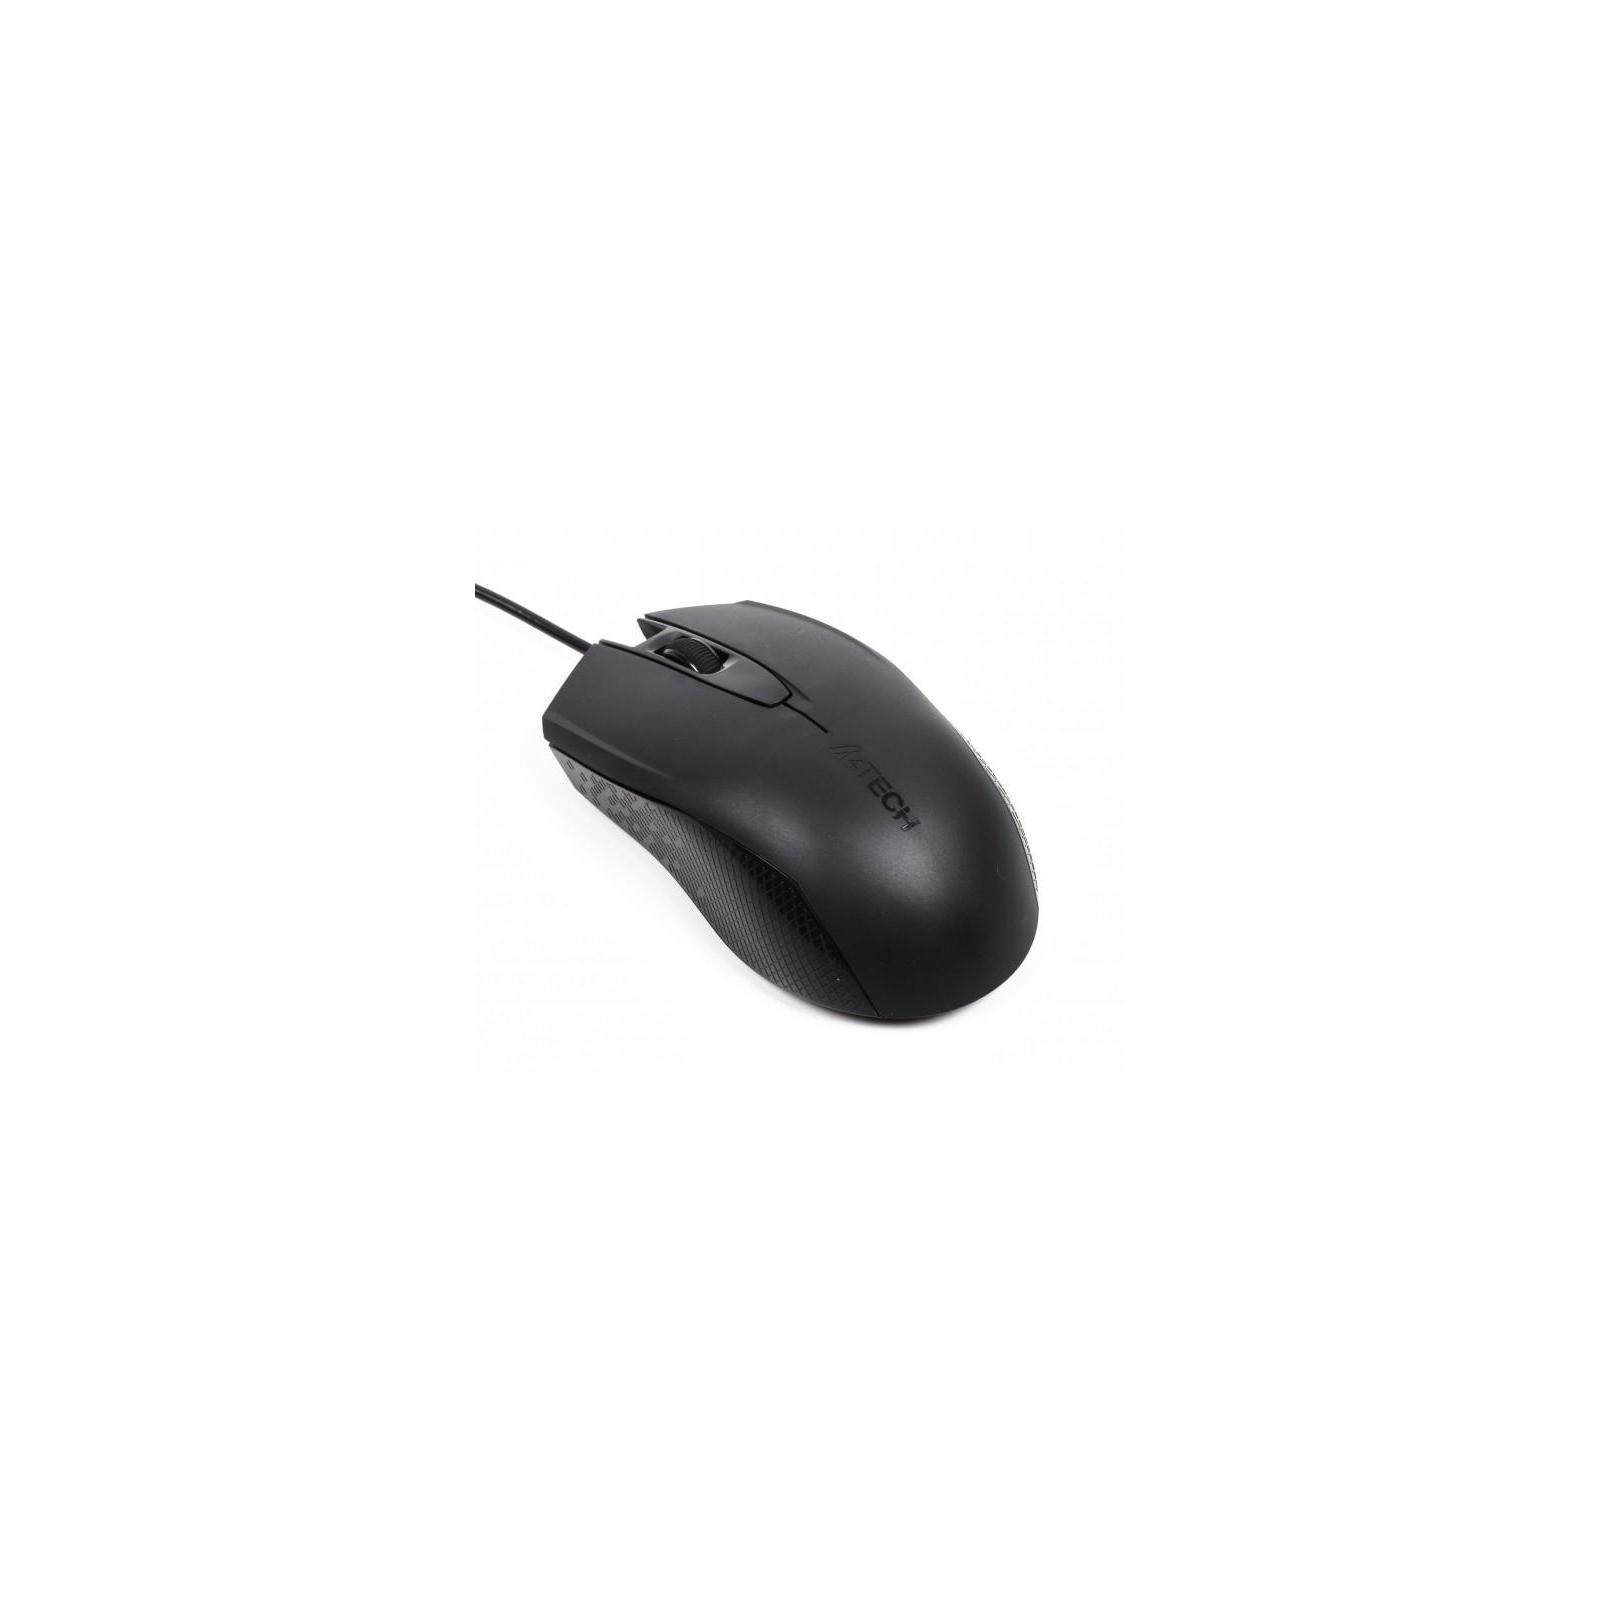 Мышка A4tech OP-760 Black изображение 3